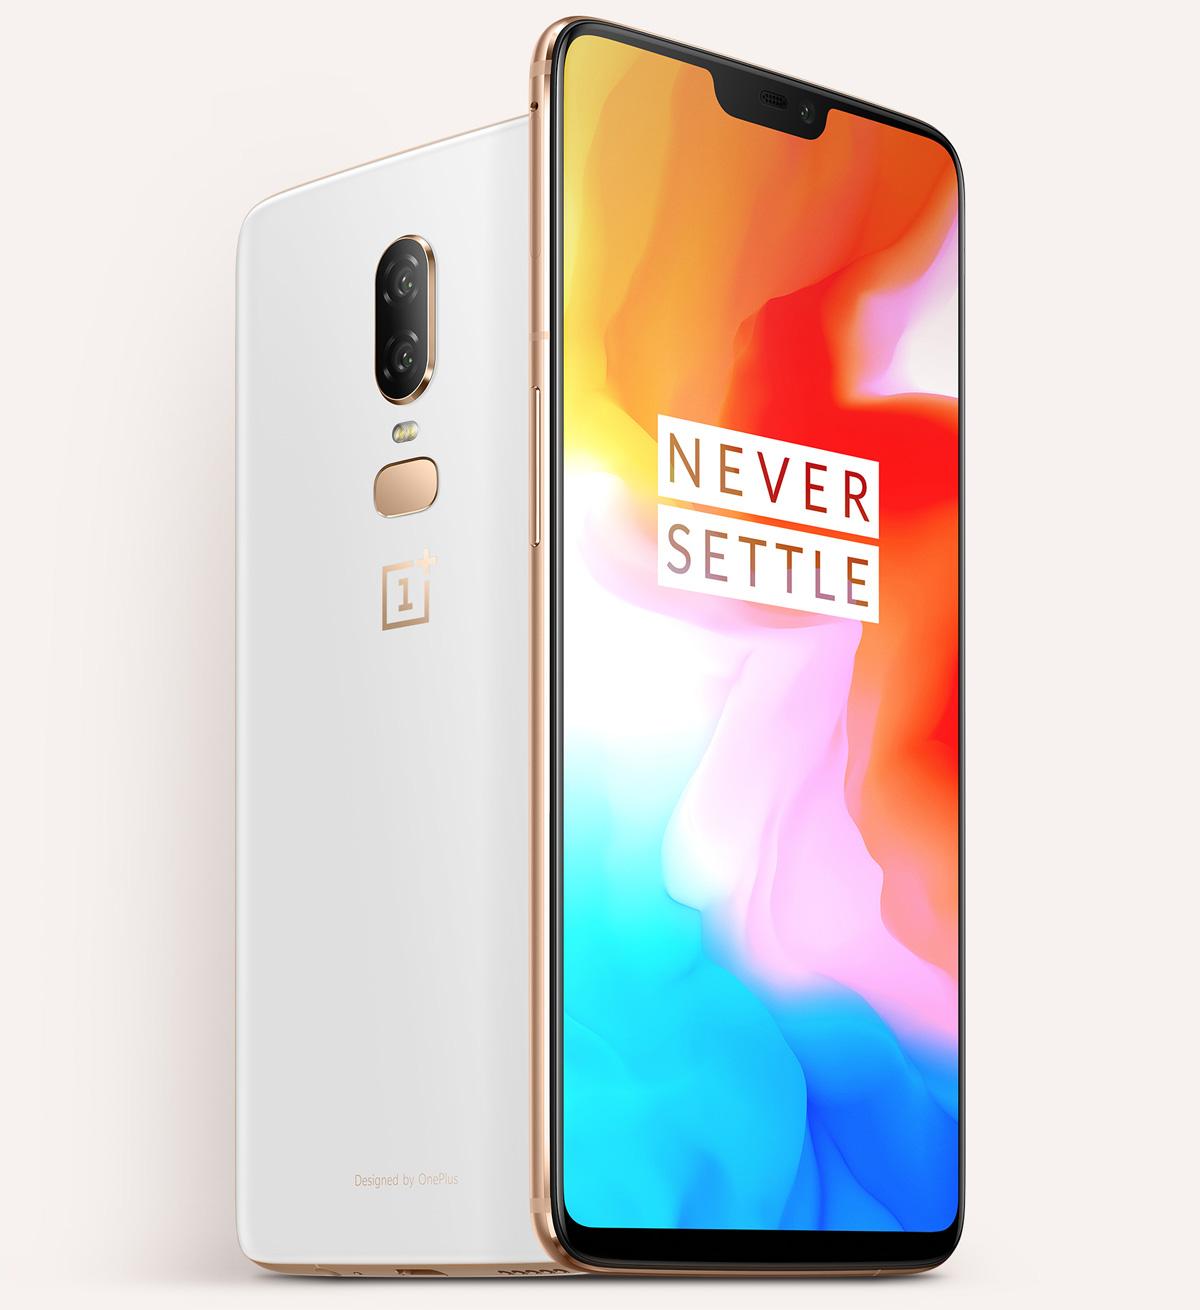 OnePlus 6 - OnePlus (India)